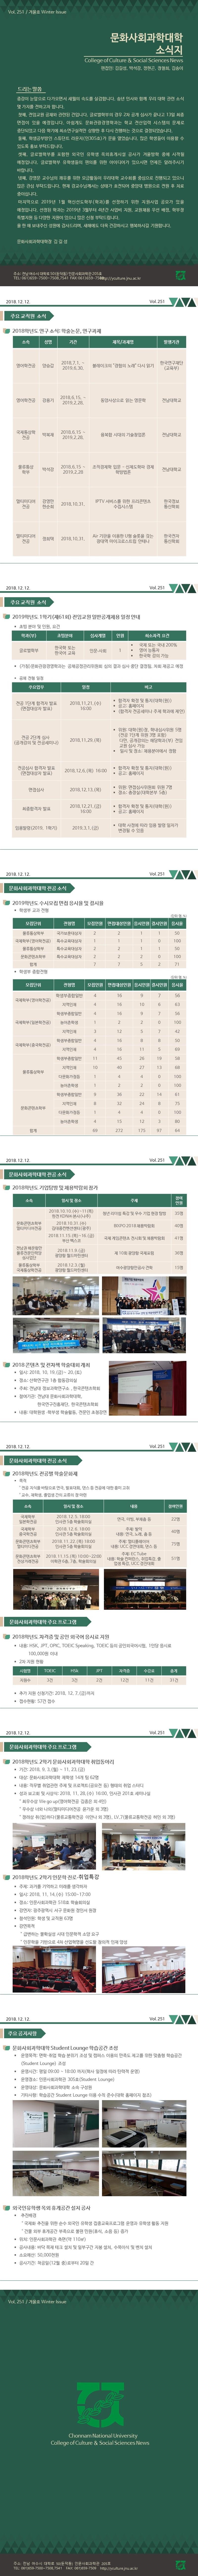 [소식지 제251호]2018년 문화사회과학대학 겨울호(2018년 12월 12일자)